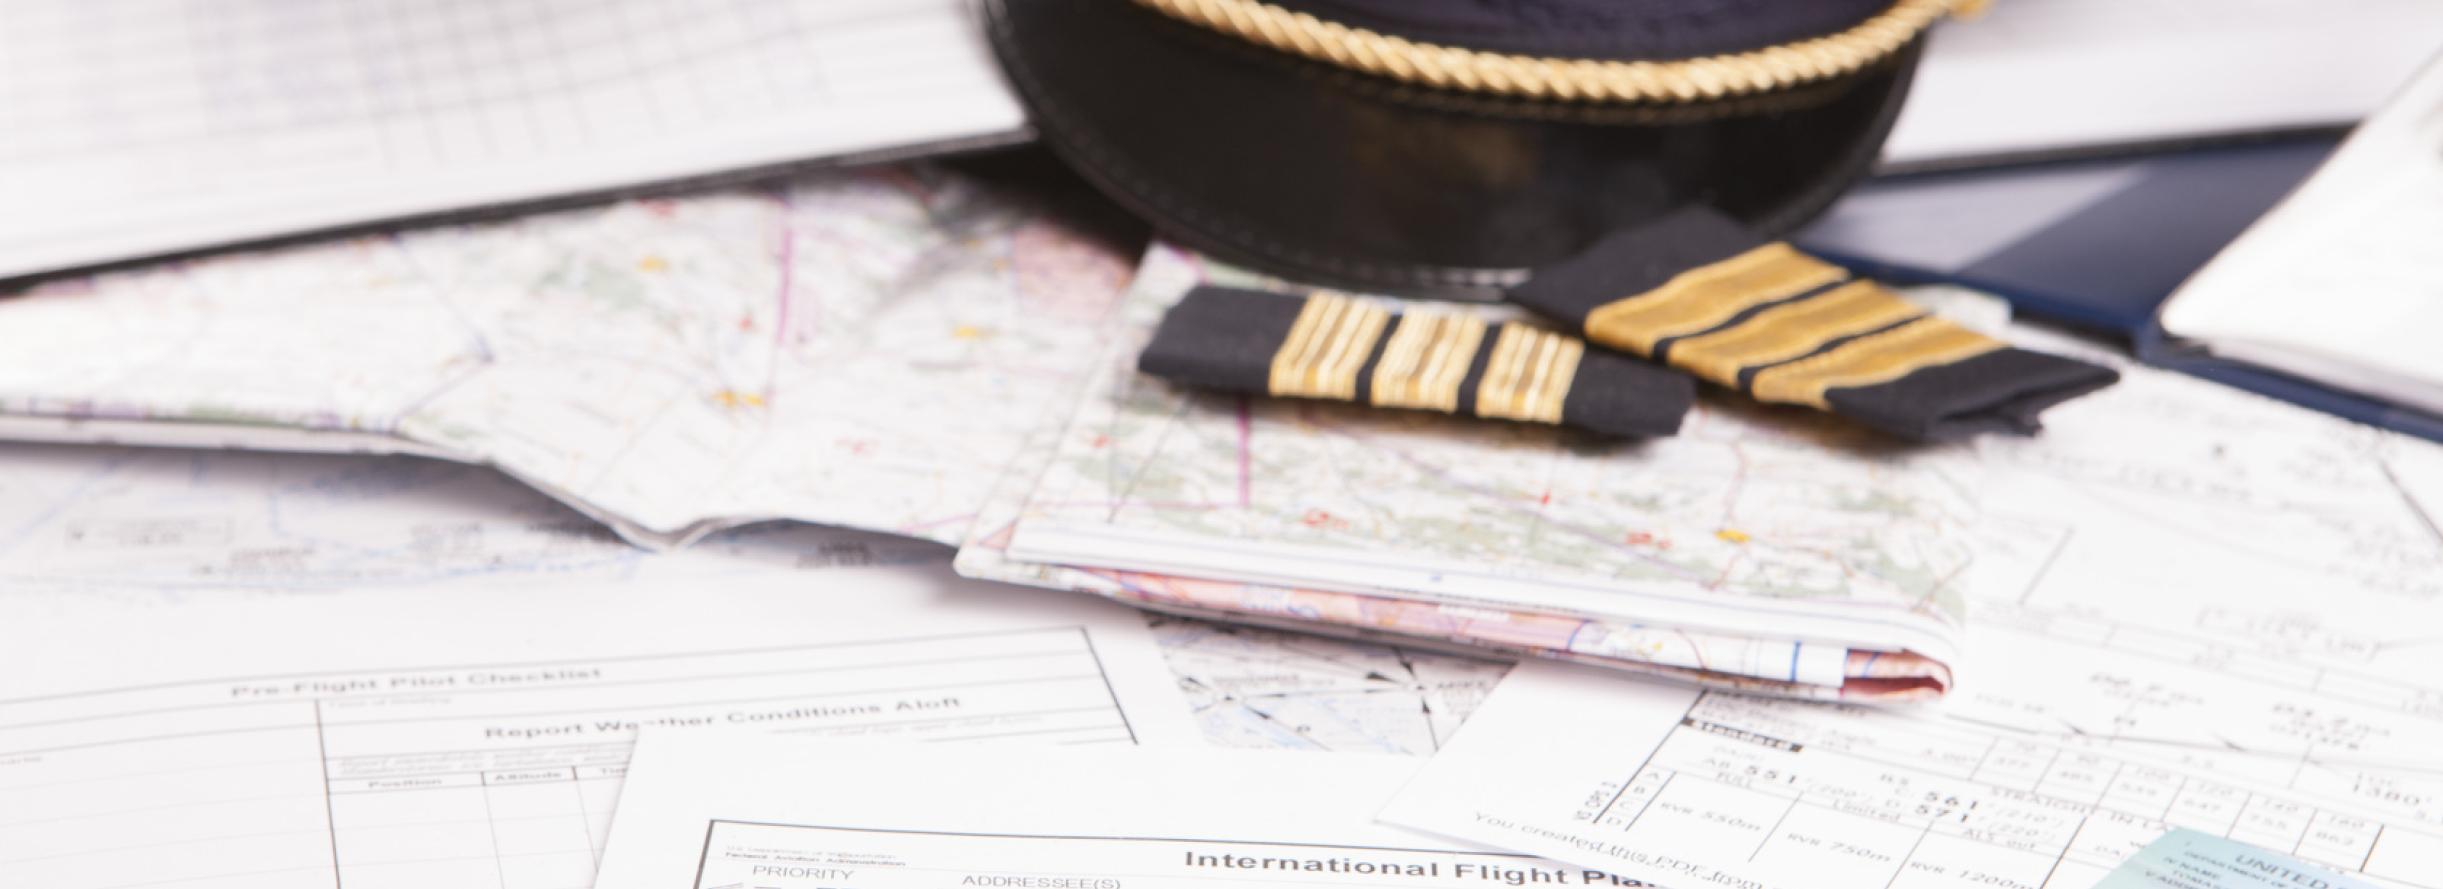 Flugmaterial und teil der Pilotenuniform liegen auf dem Material